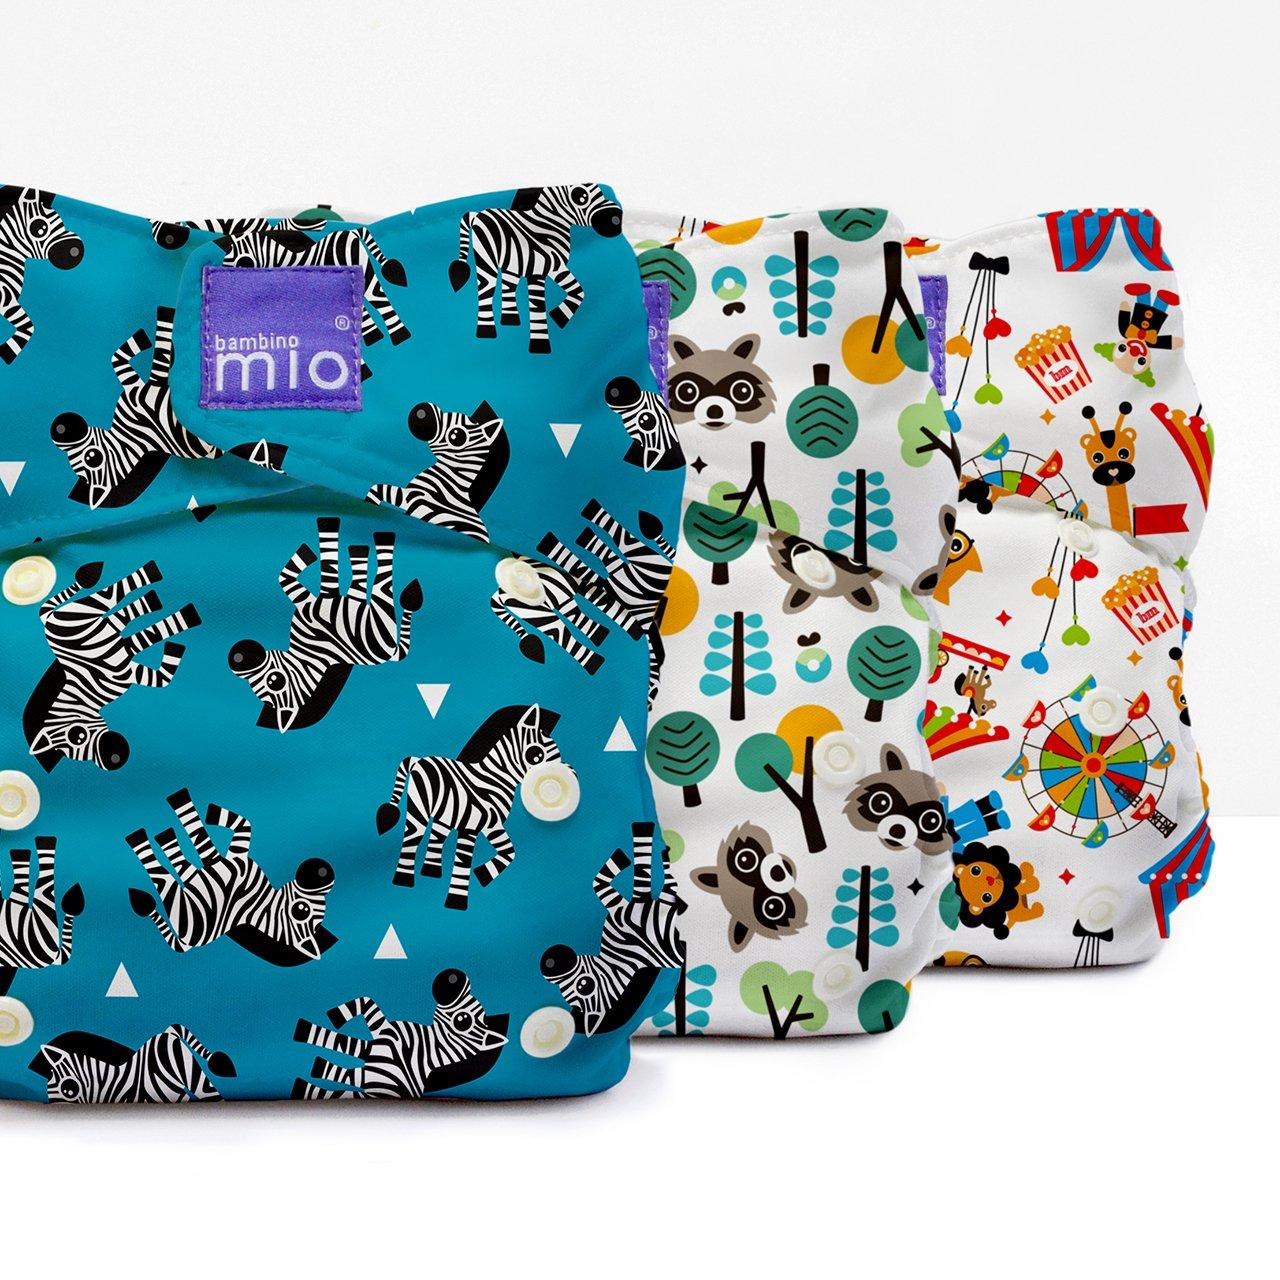 Bambino Mio, miosolo set de pañales de tela, Multicolor (Carnaval): Amazon.es: Bebé